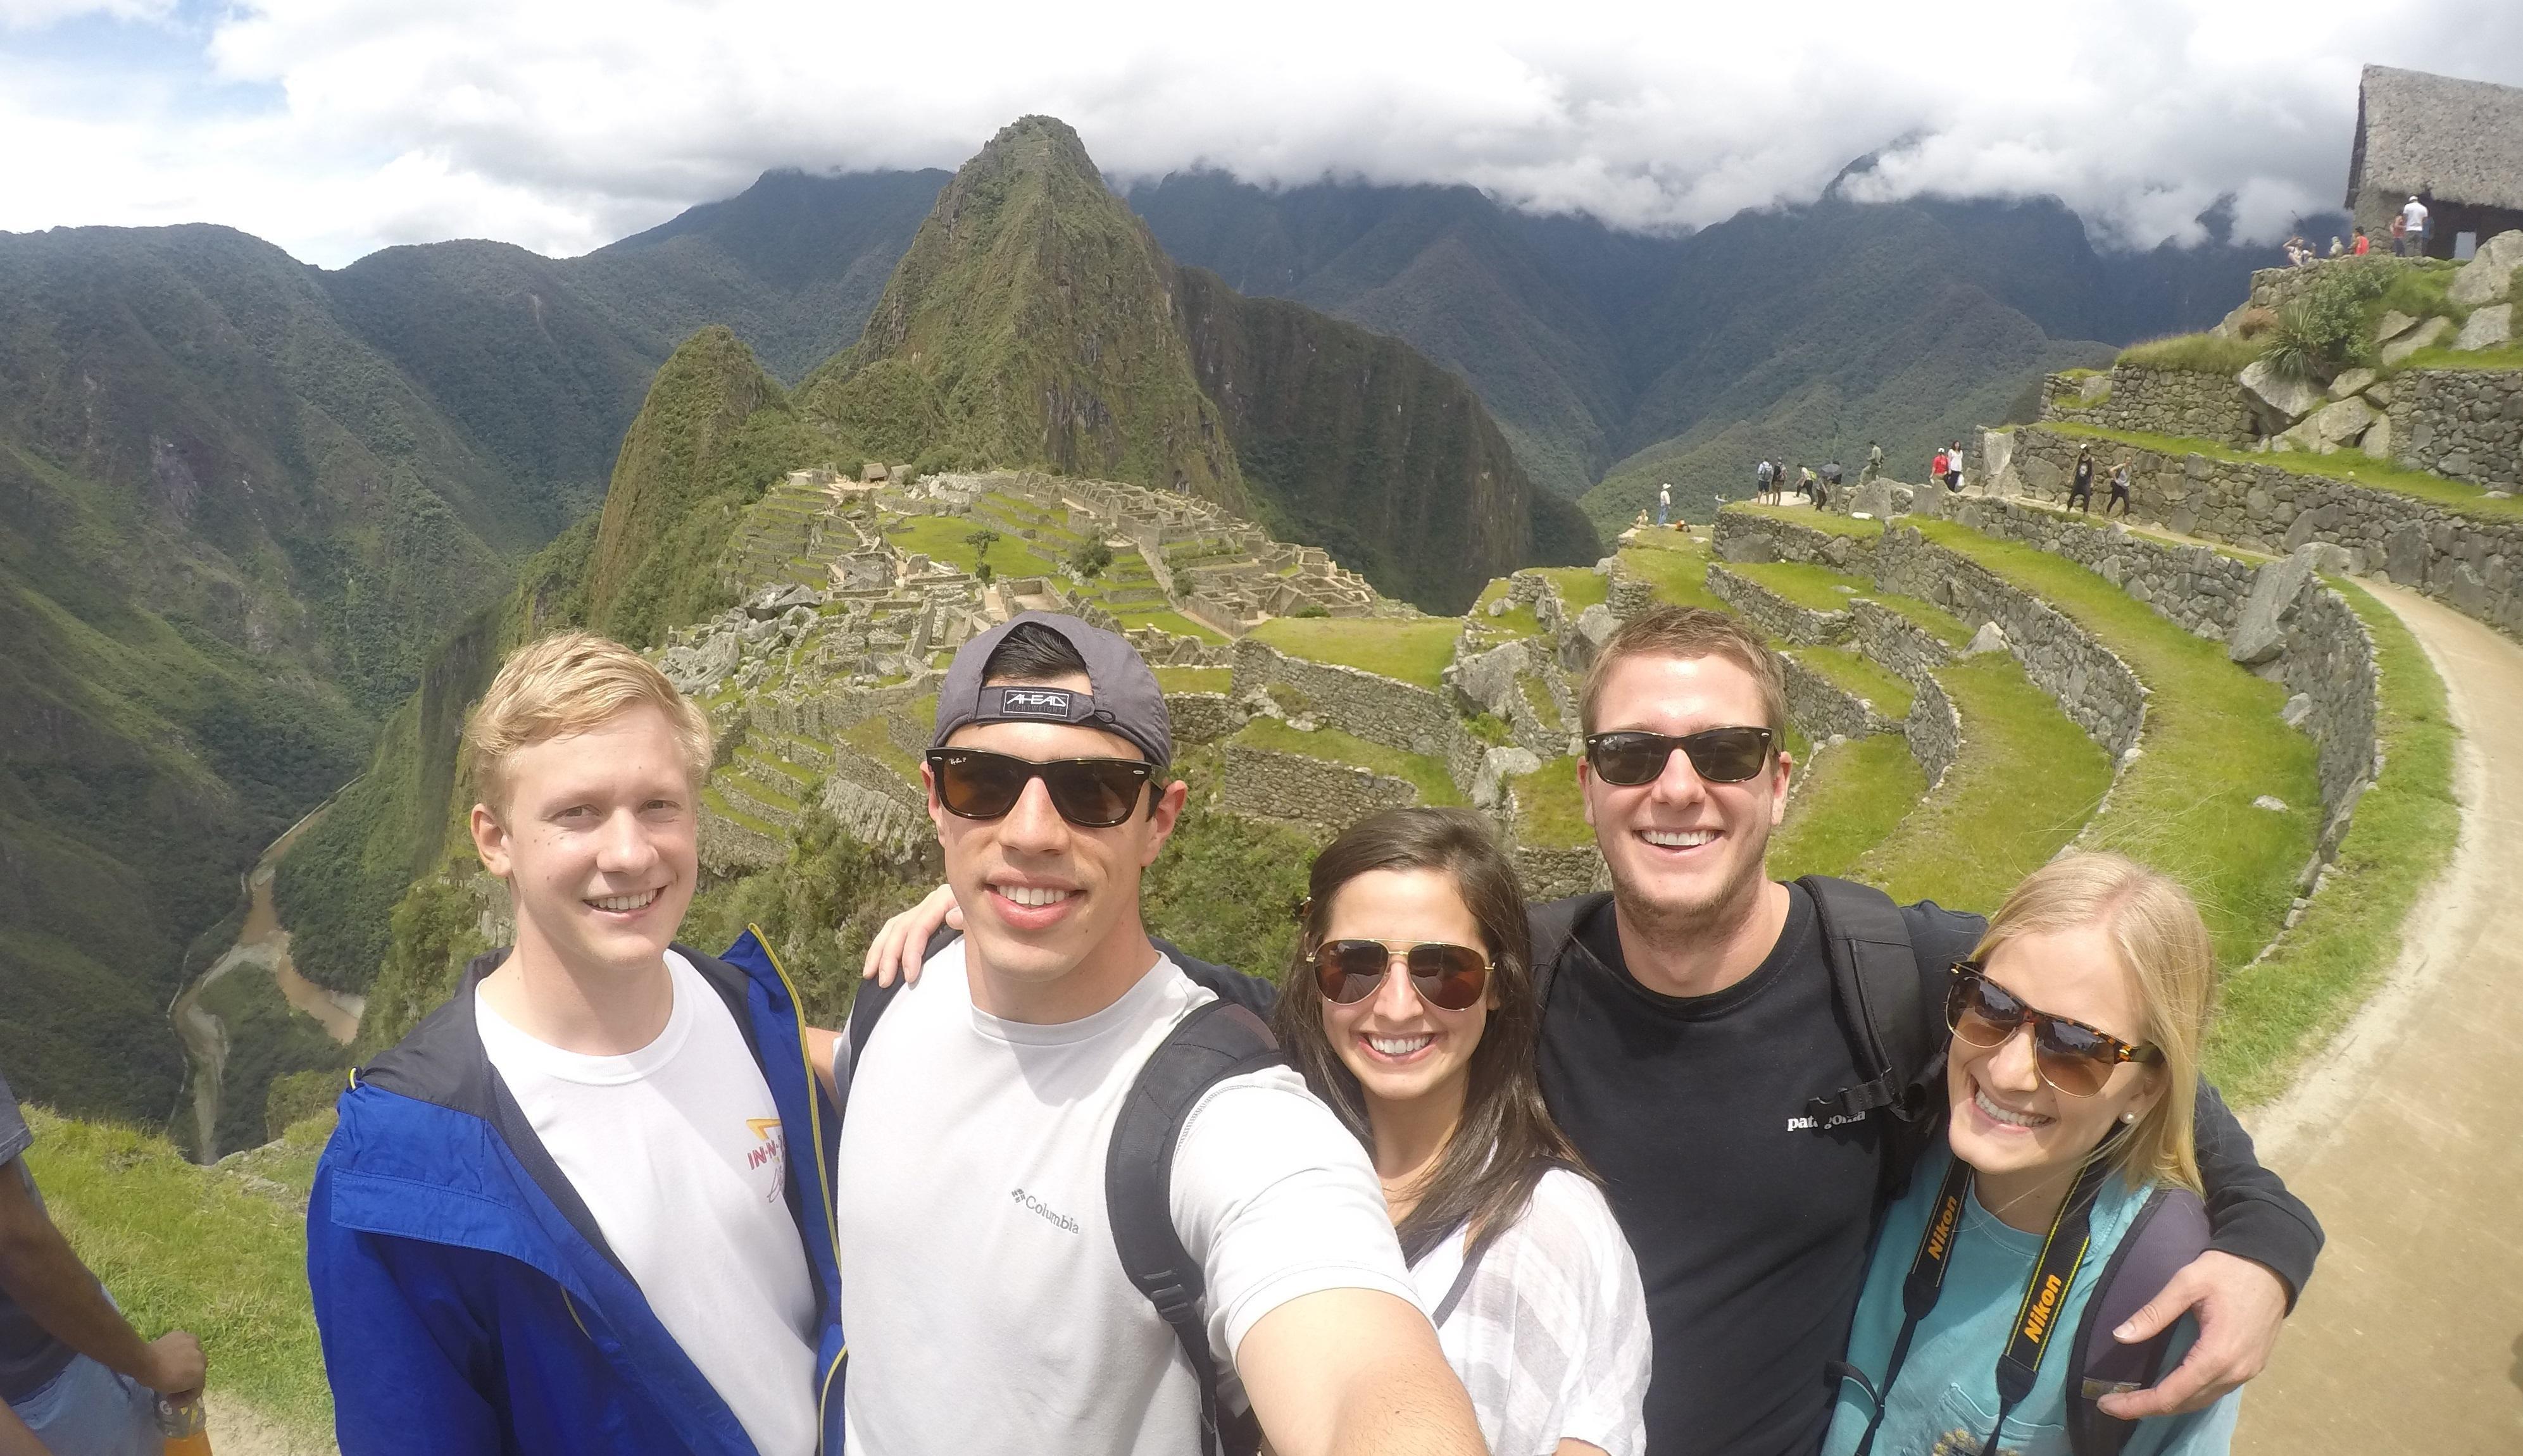 Students enjoy Machu Picchu in Peru